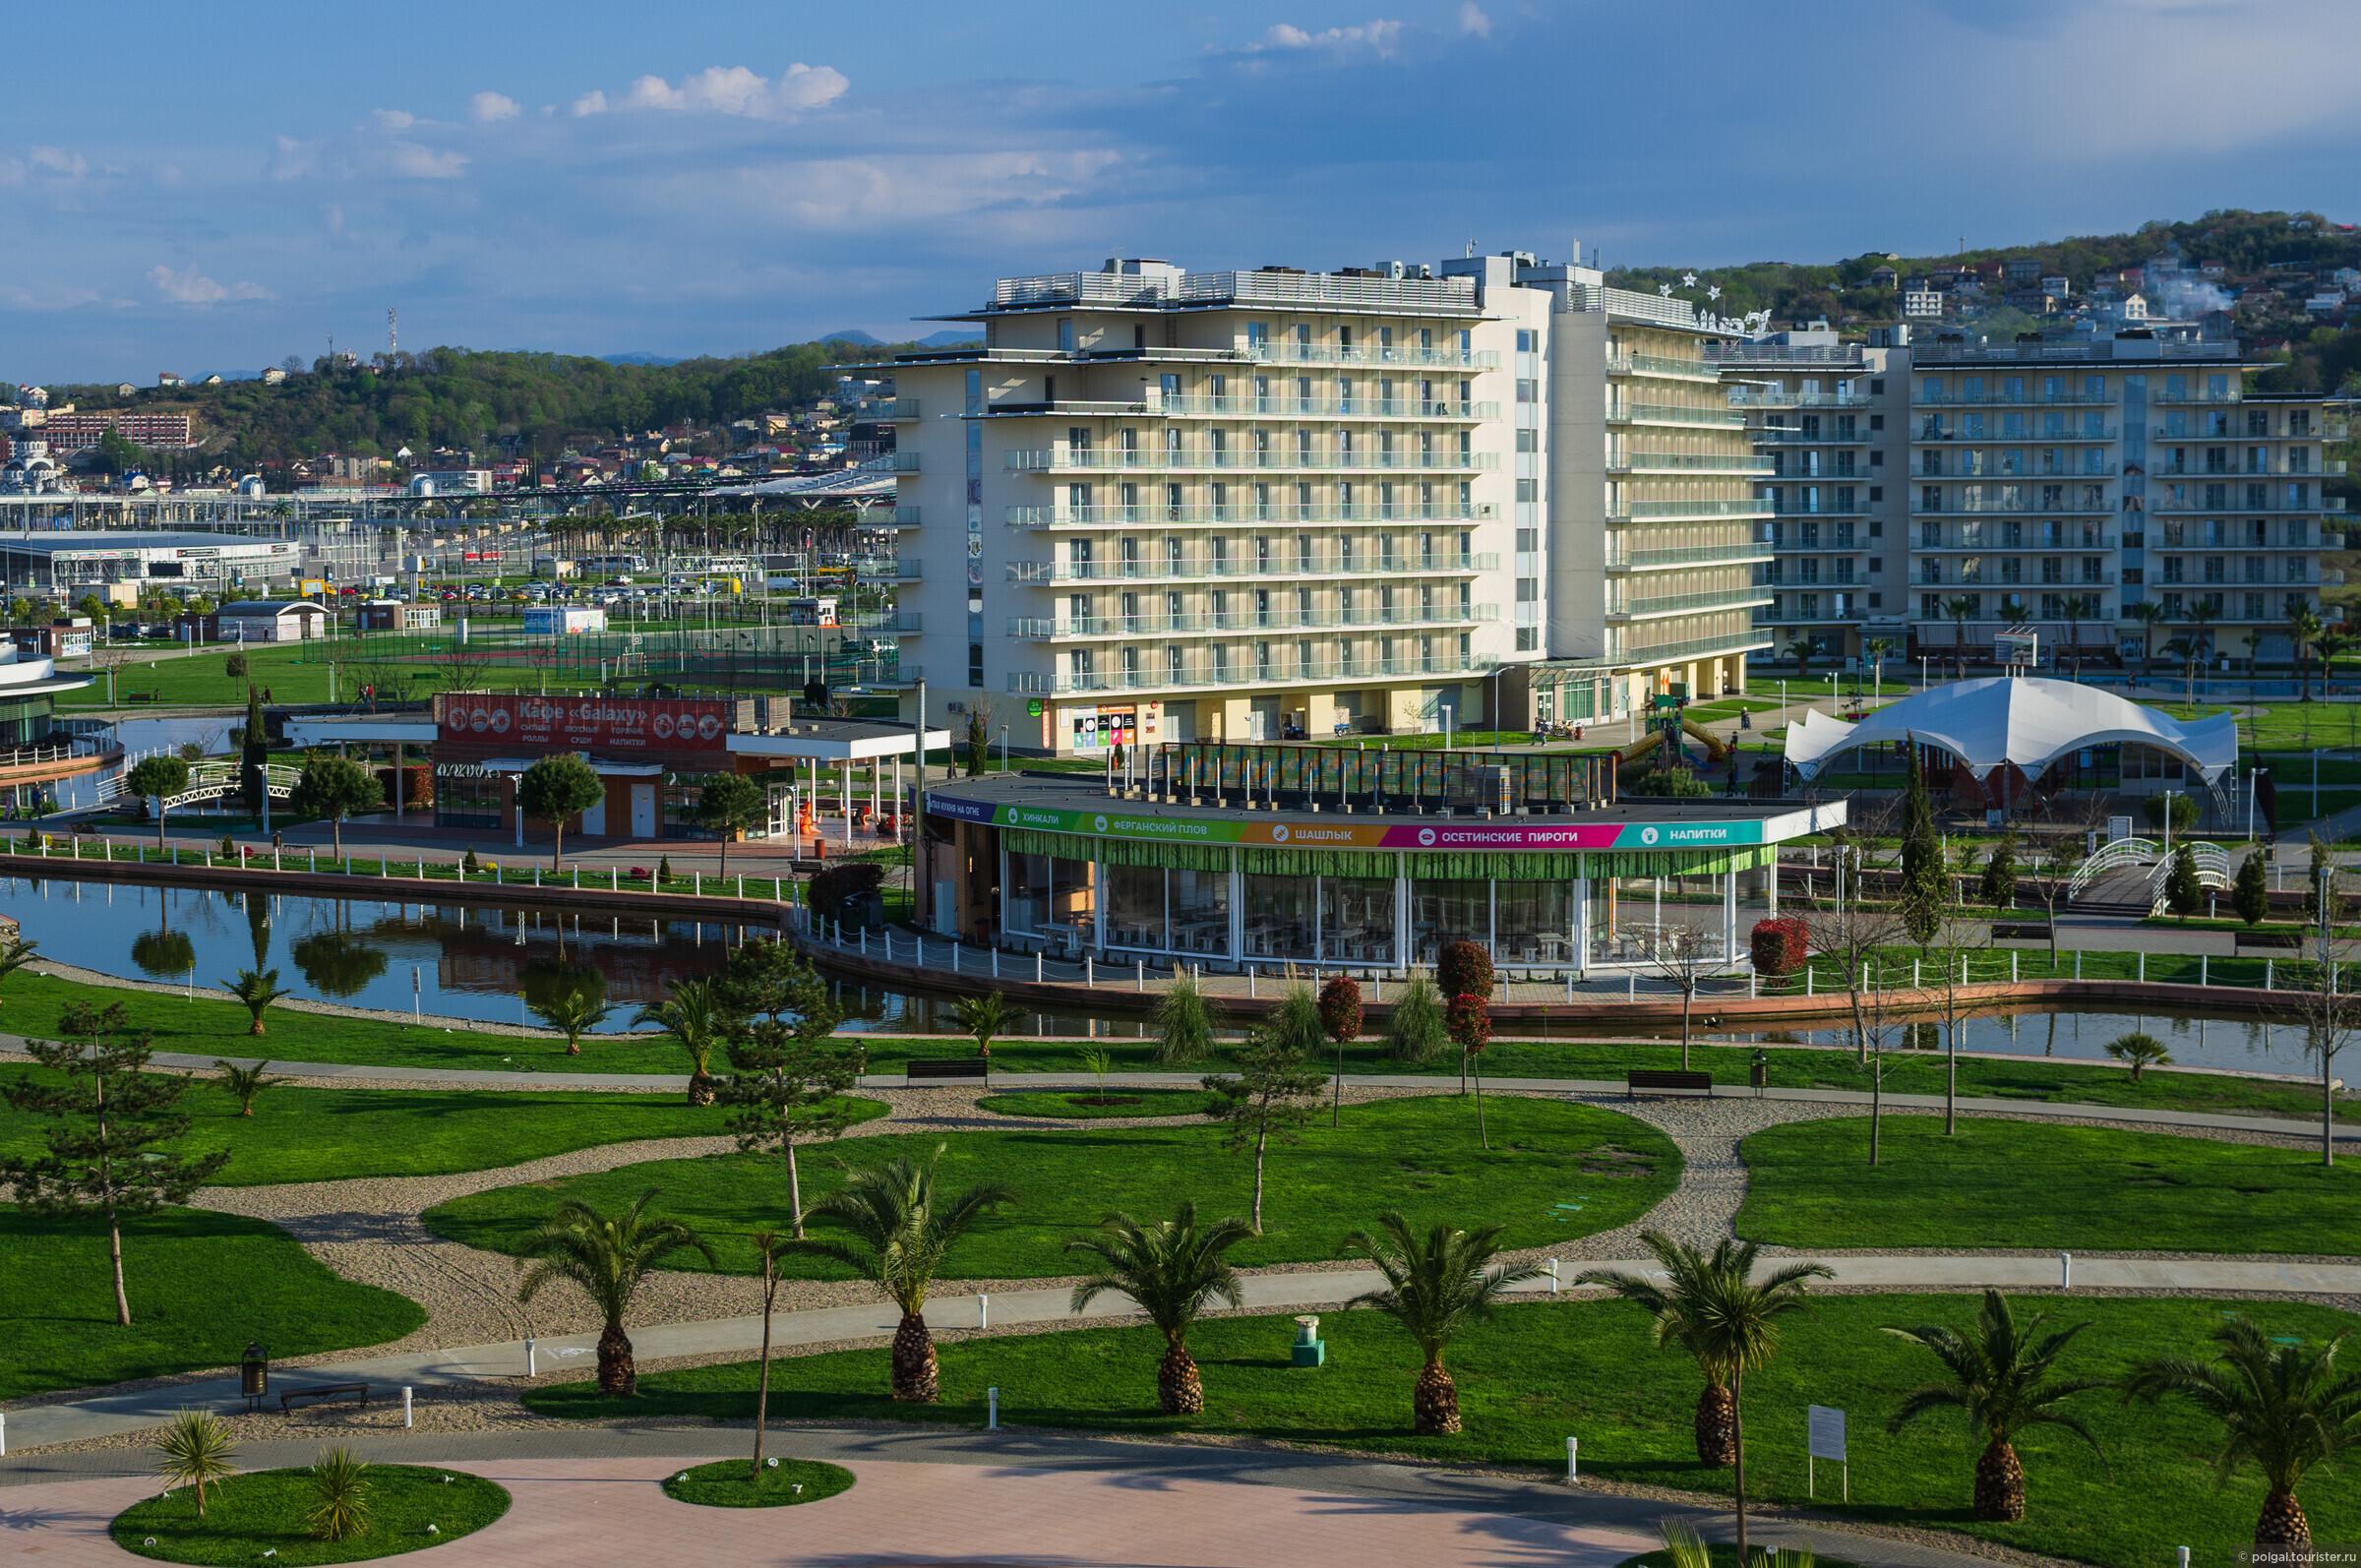 открытка сочи парк отель созданные методу мозаики